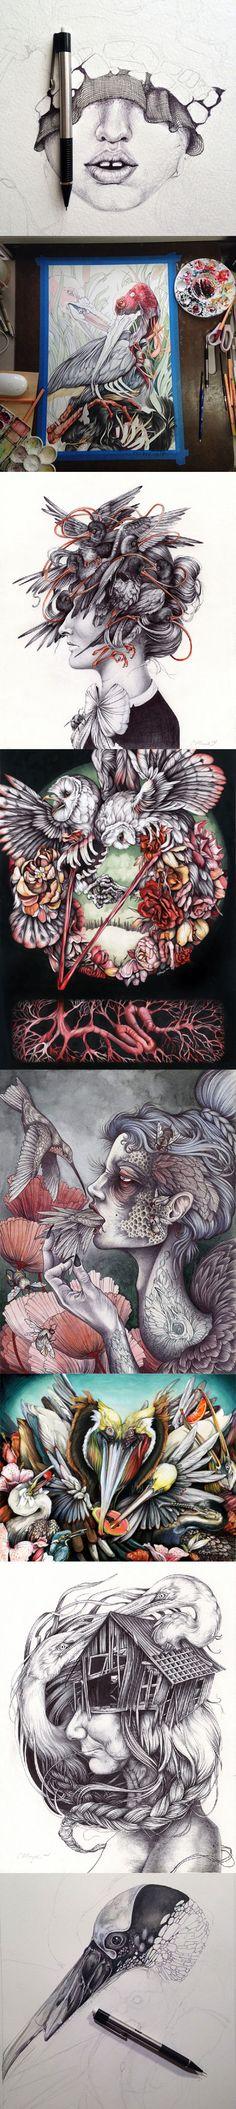 Les dessins et illustrations de Christina Mrozik avec un univers particulier excellent.